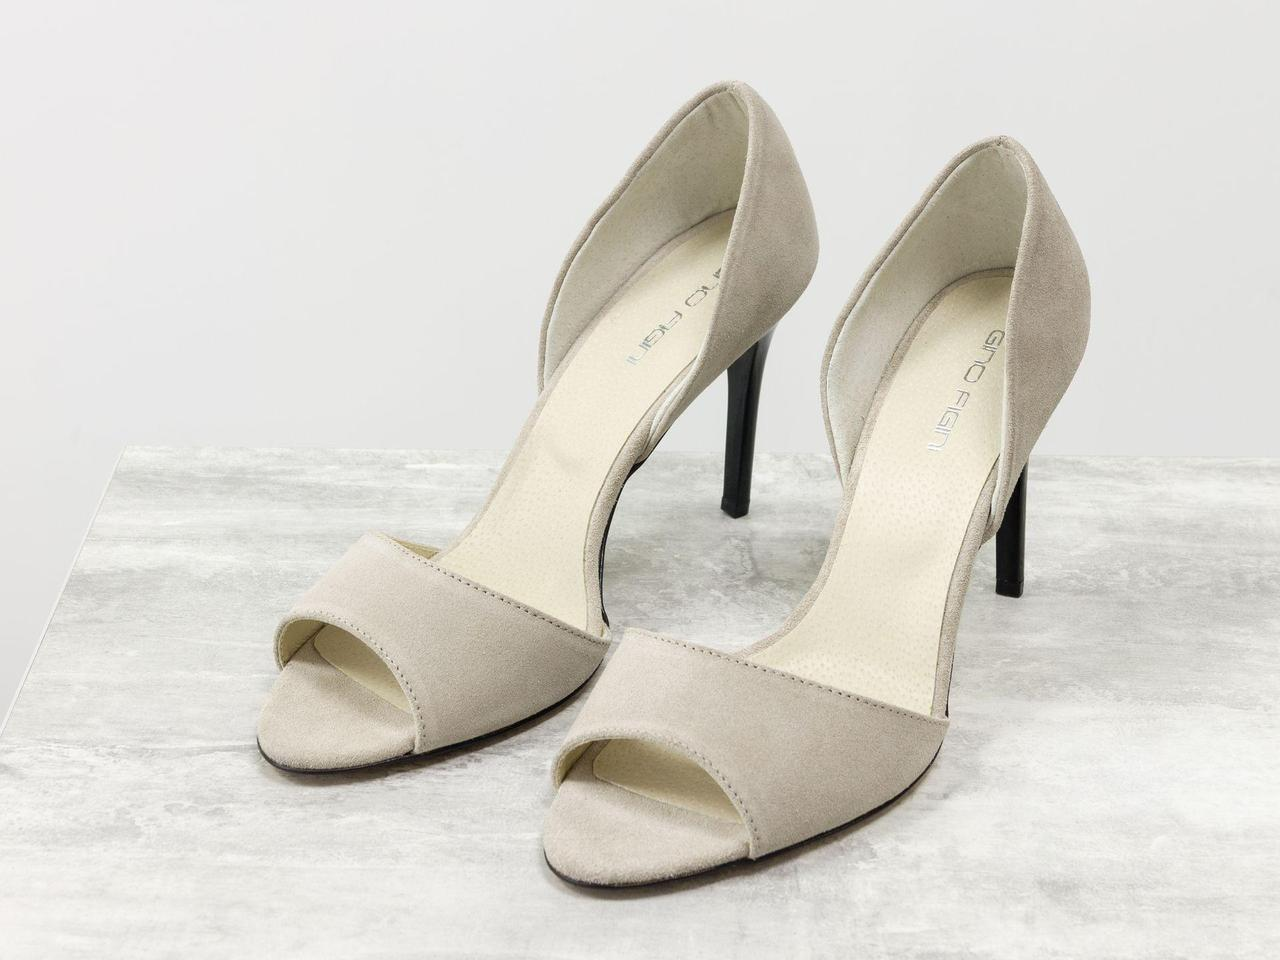 Удобные легкие туфли с открытым носиком из натуральной замши светло-бежевого цвета на высокой черной шпильке